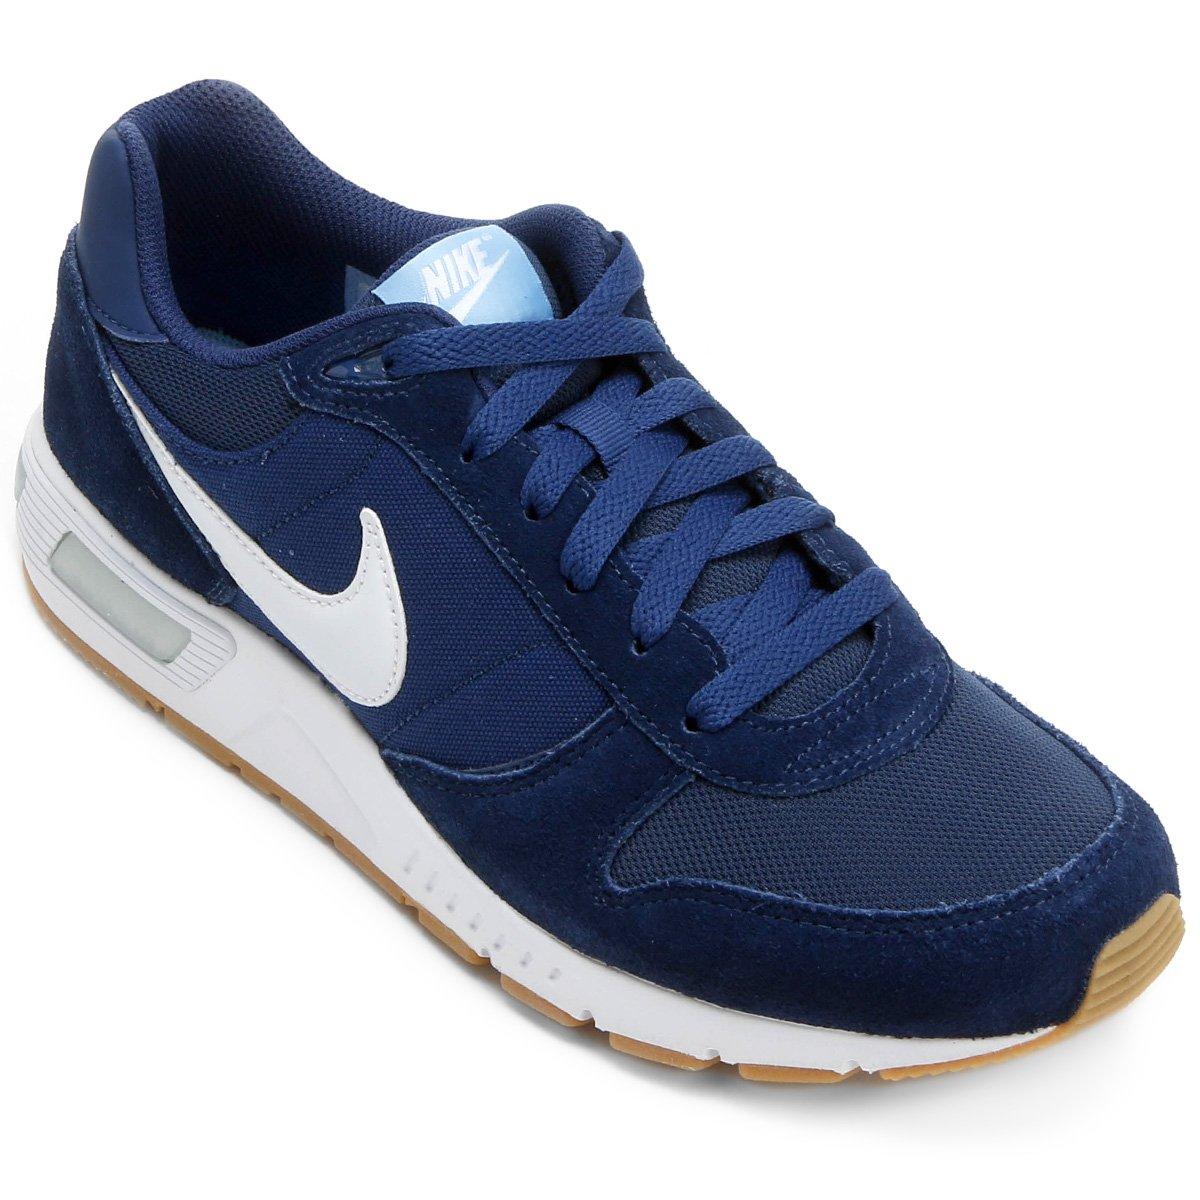 4b652ca75bc Tênis Nike Nightgazer Masculino - Azul e Branco - Compre Agora ...